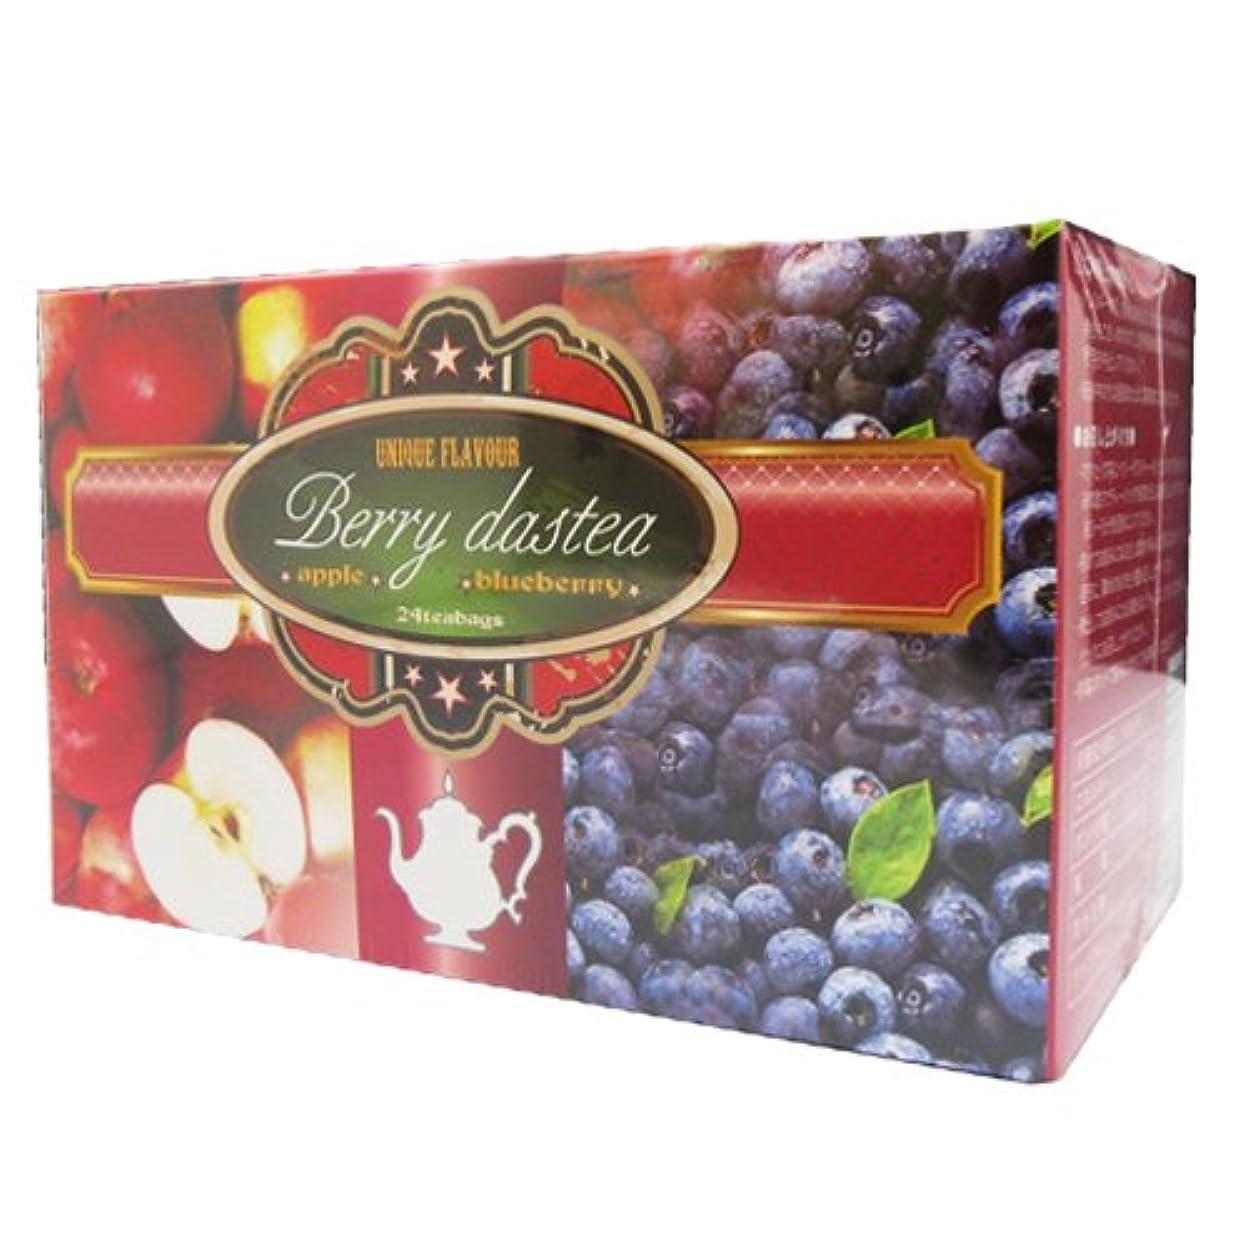 エトナ山暖かく量ケン?ネット  ベリーダスティー(Berry dastea)    24包